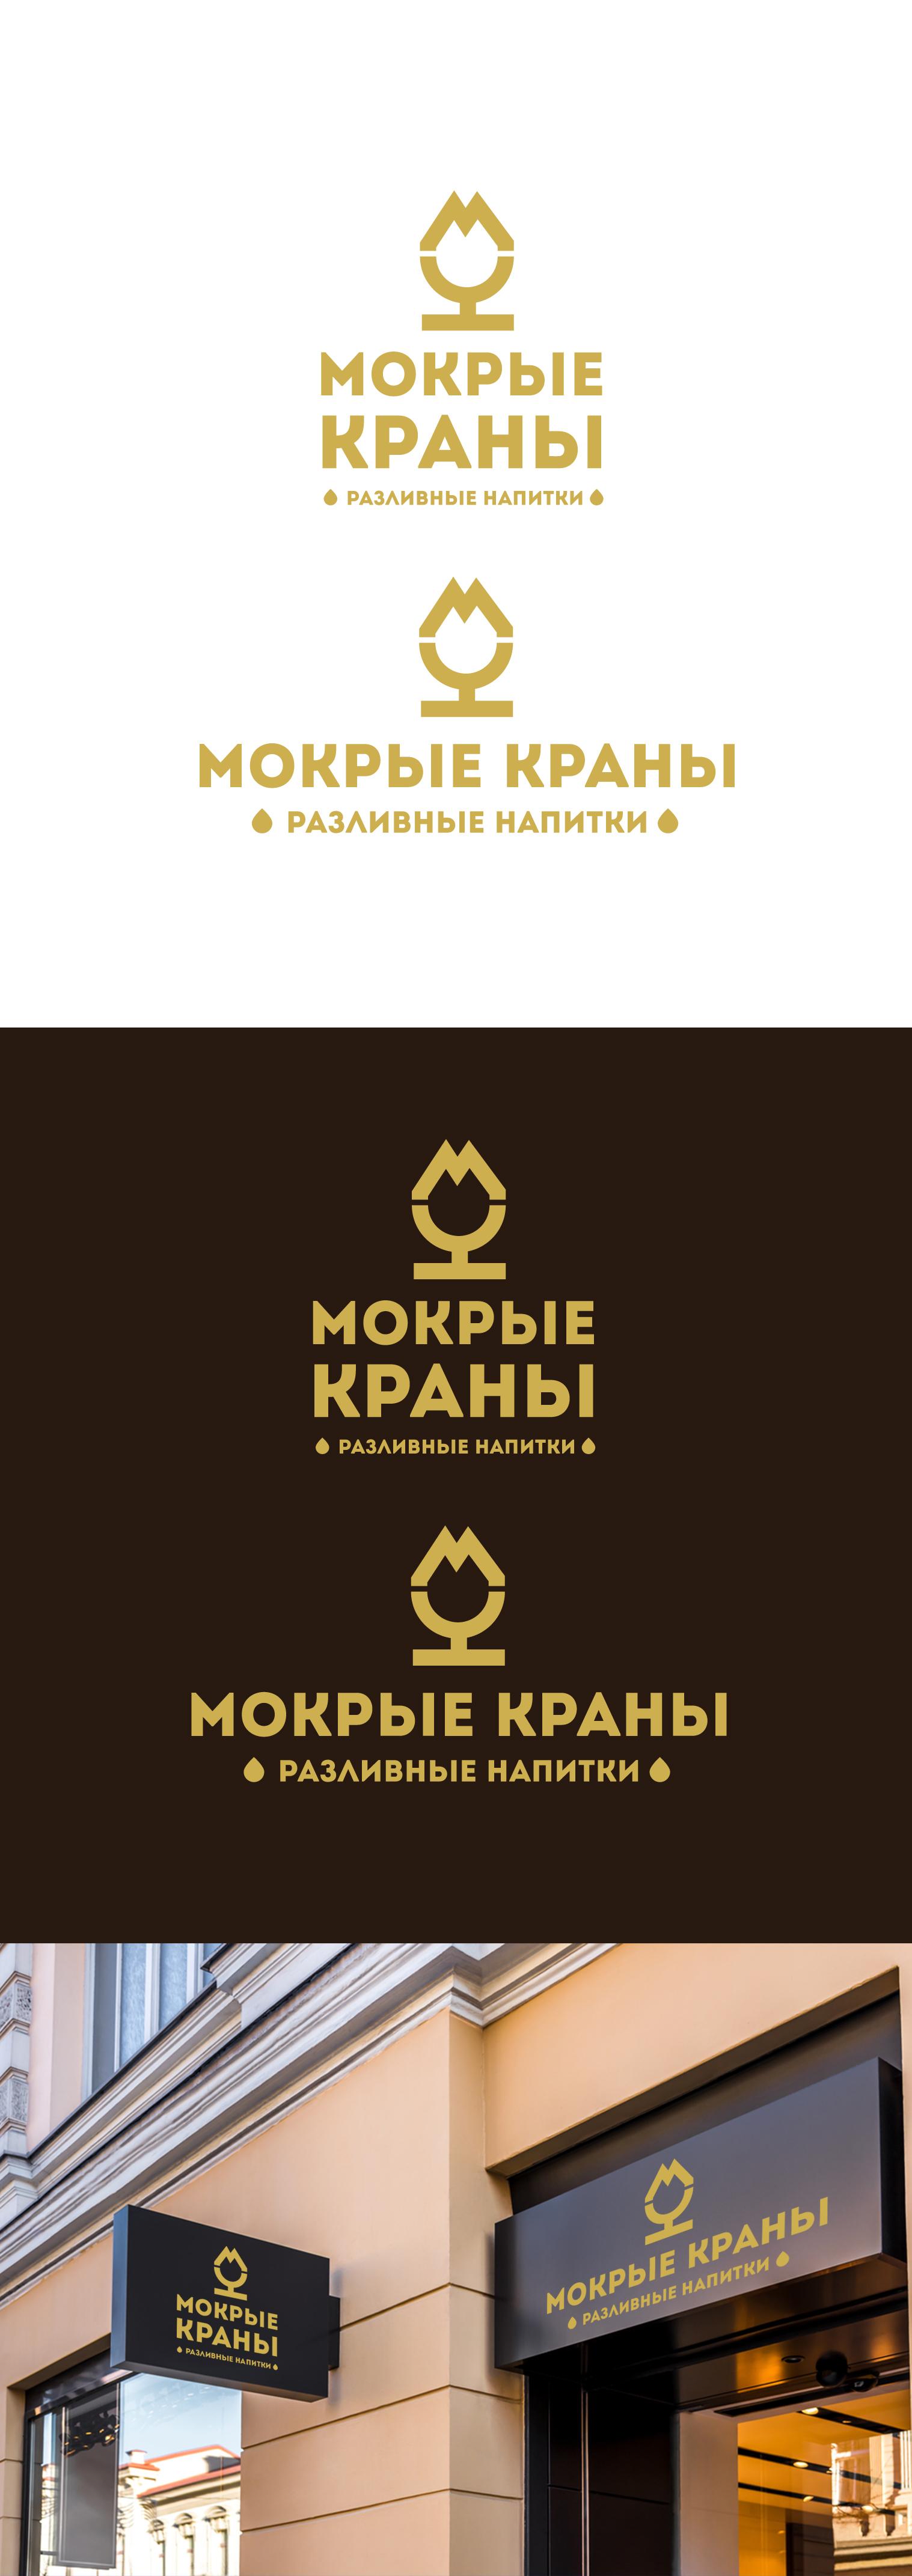 Вывеска/логотип для пивного магазина фото f_234602bf9c68489e.jpg